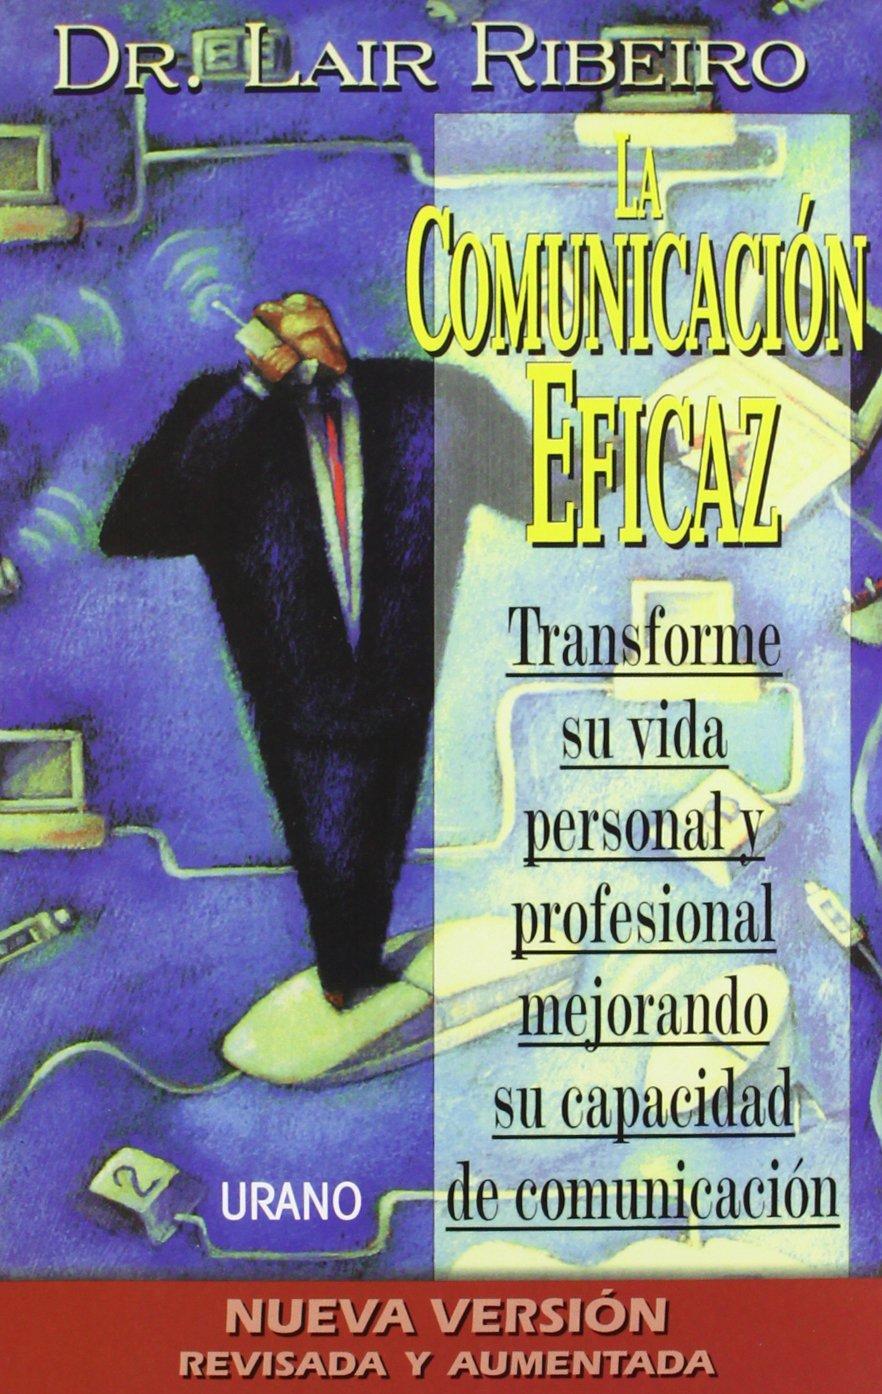 Download La Comunicacion Eficaz: Transforme su vida personal y mejorando su capacidad de comunicacion (Nueva version) (Spanish Edition) PDF